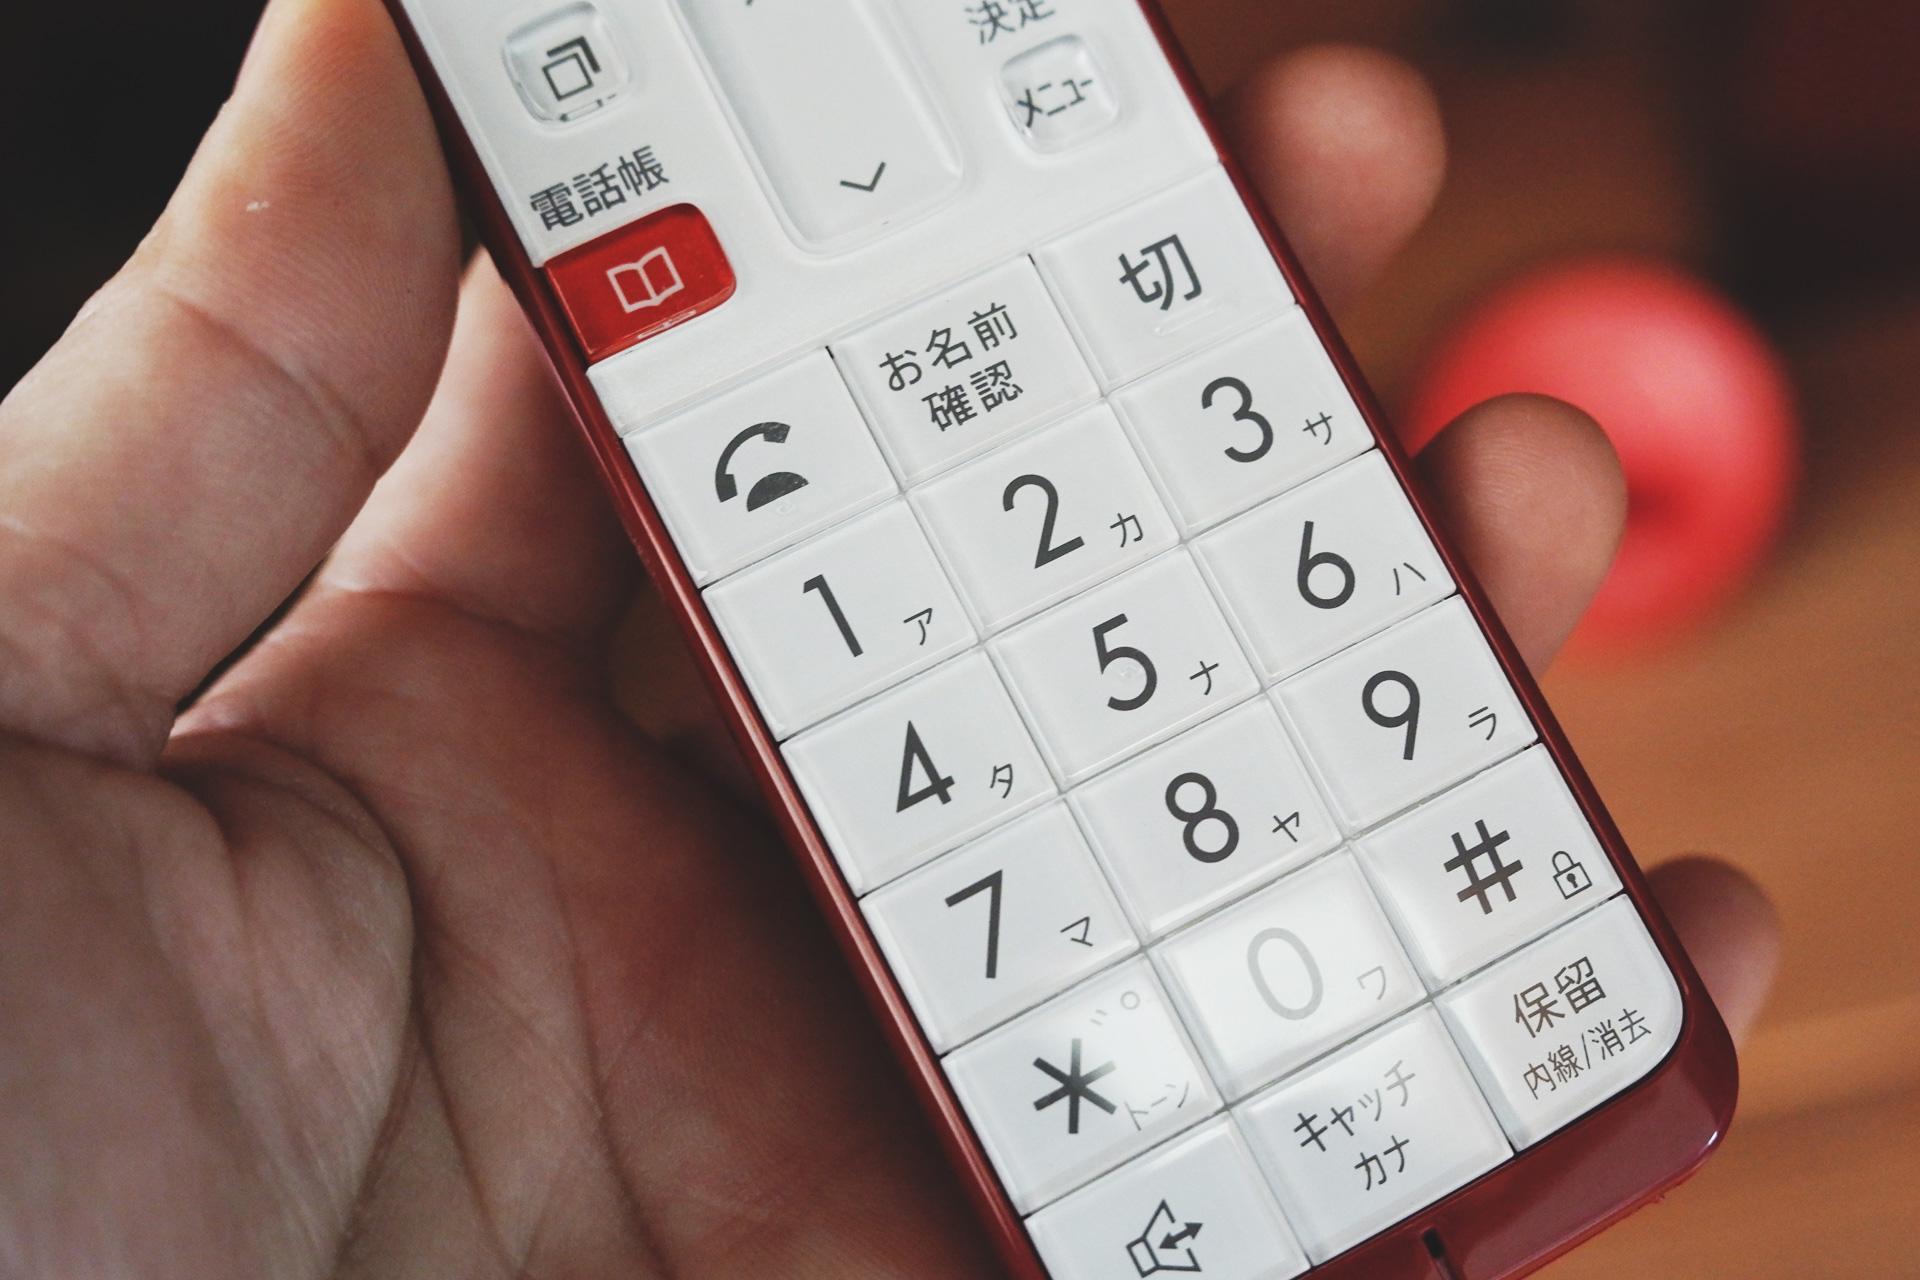 電話機SHARP JD-S08CL-R 操作キープッシュボタン